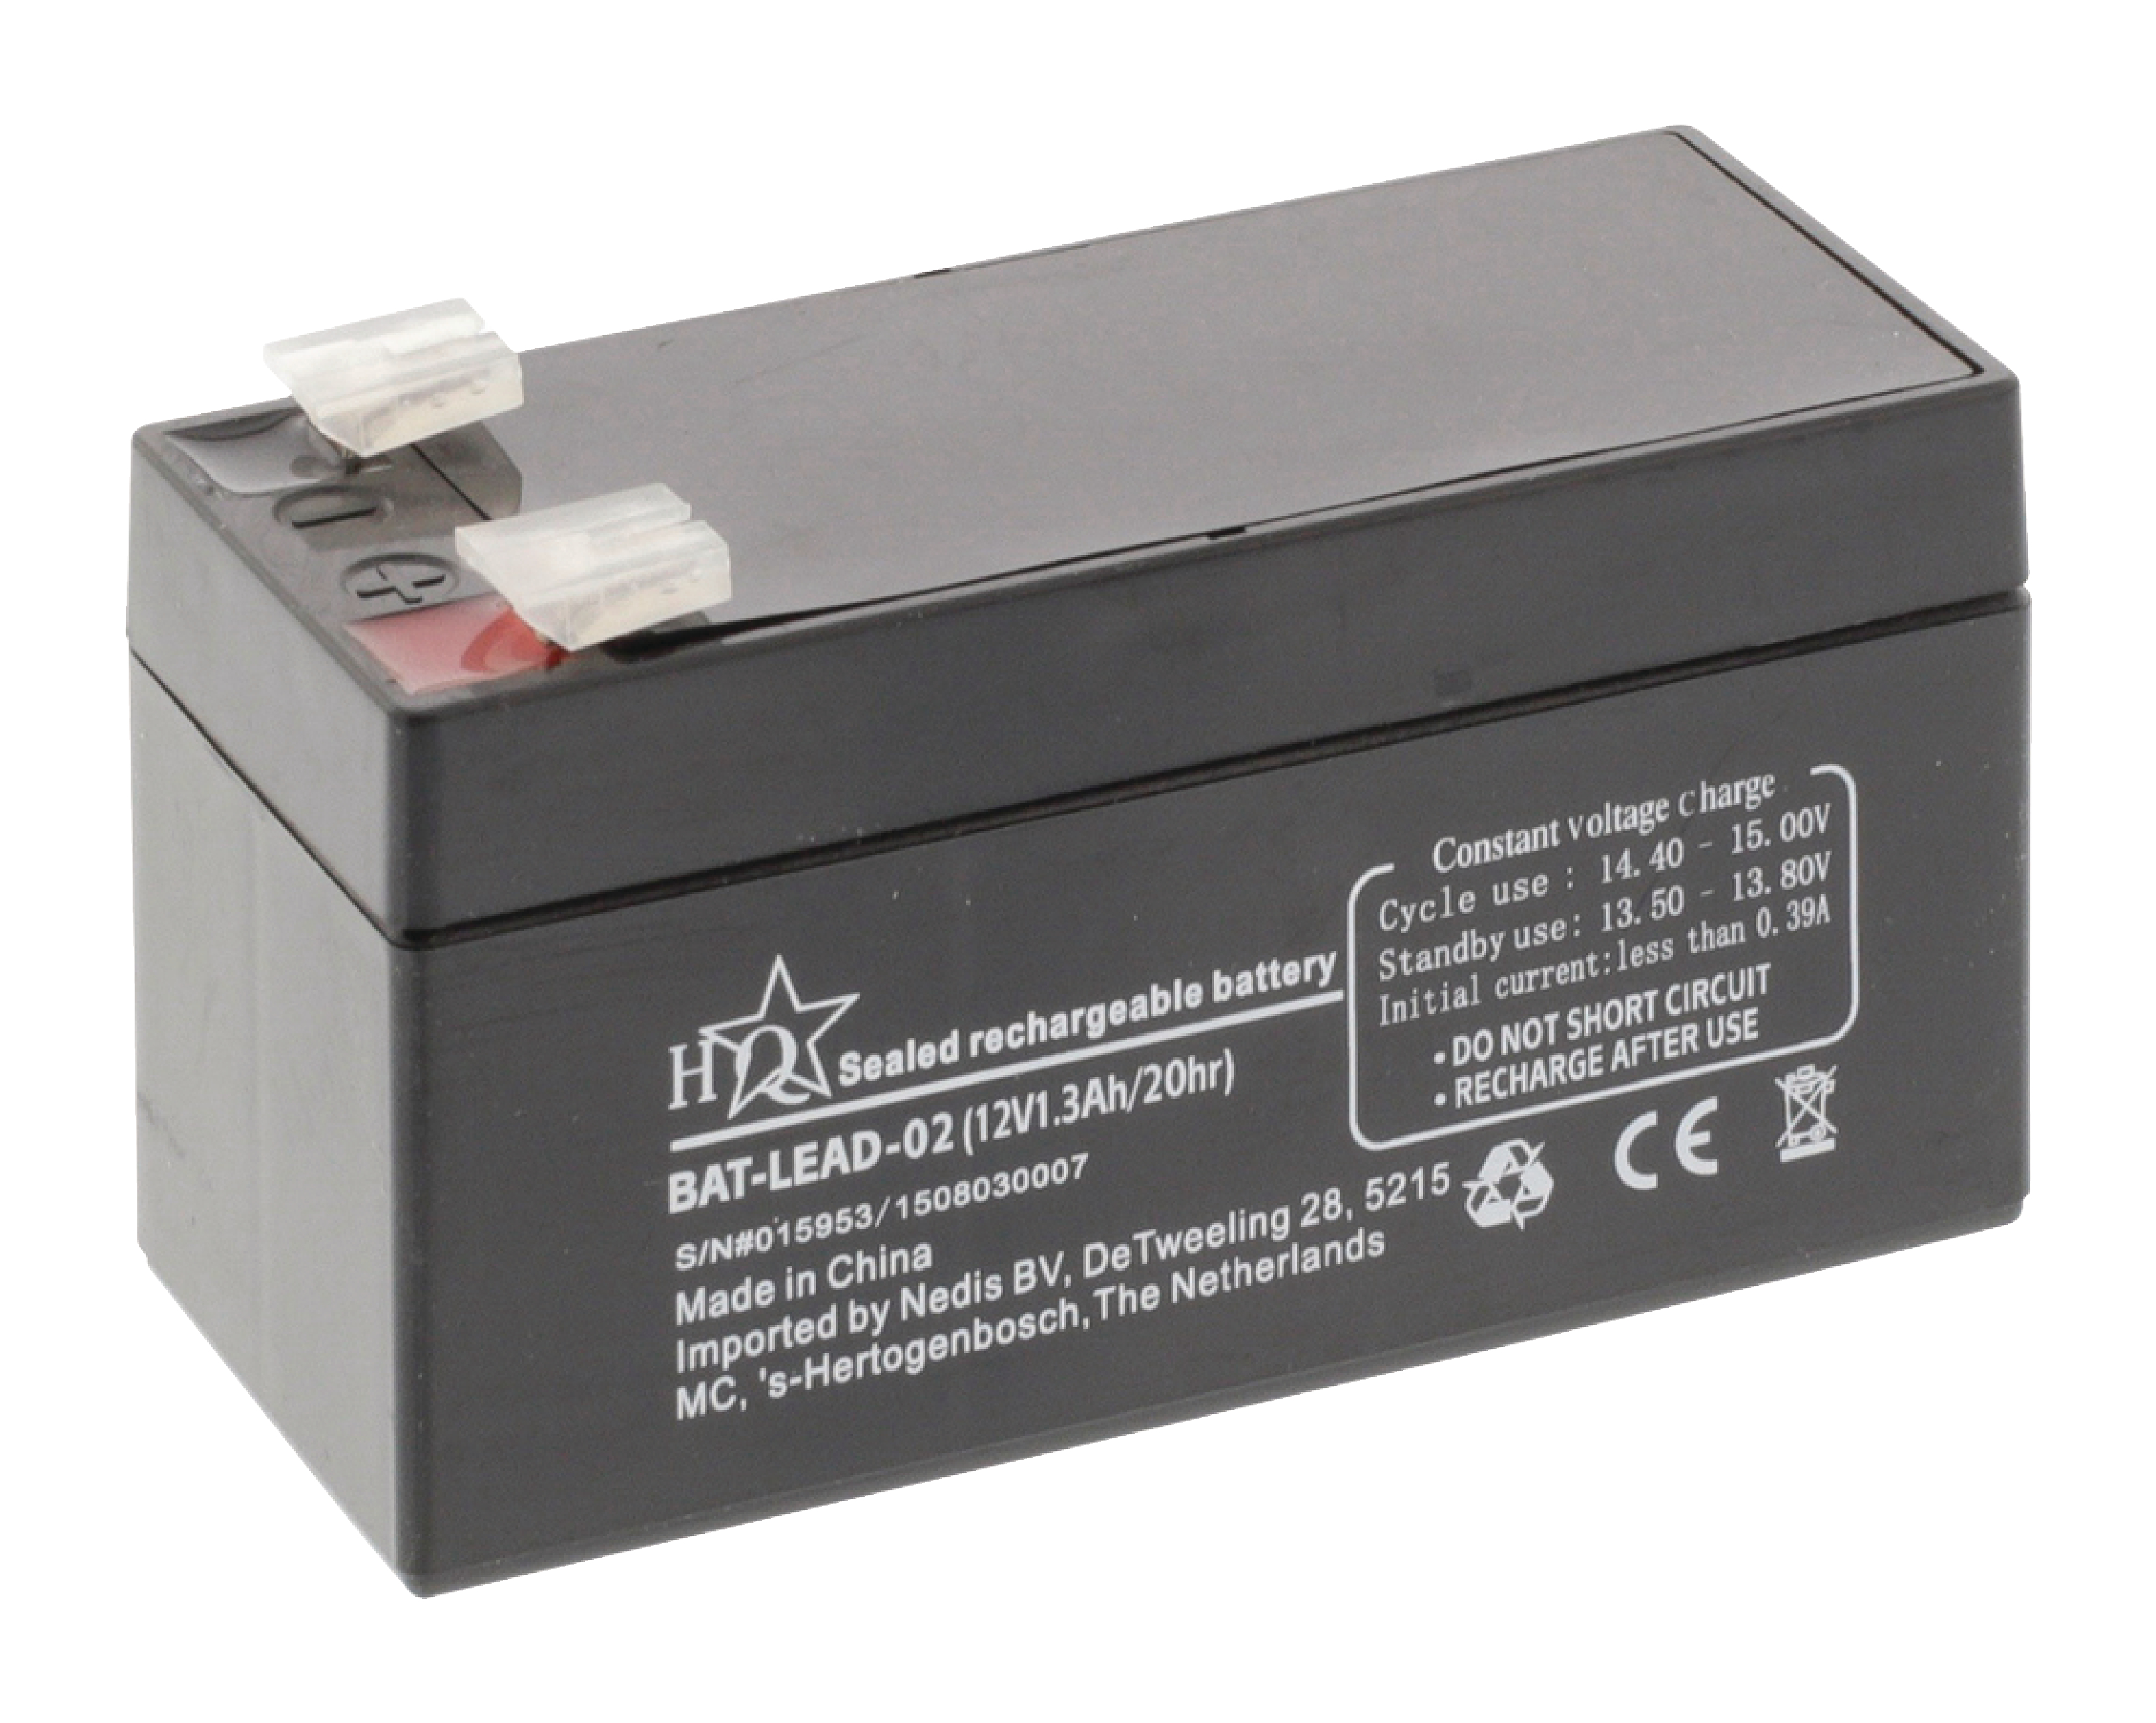 bat lead 02 hq rechargeable lead acid battery 12 v. Black Bedroom Furniture Sets. Home Design Ideas